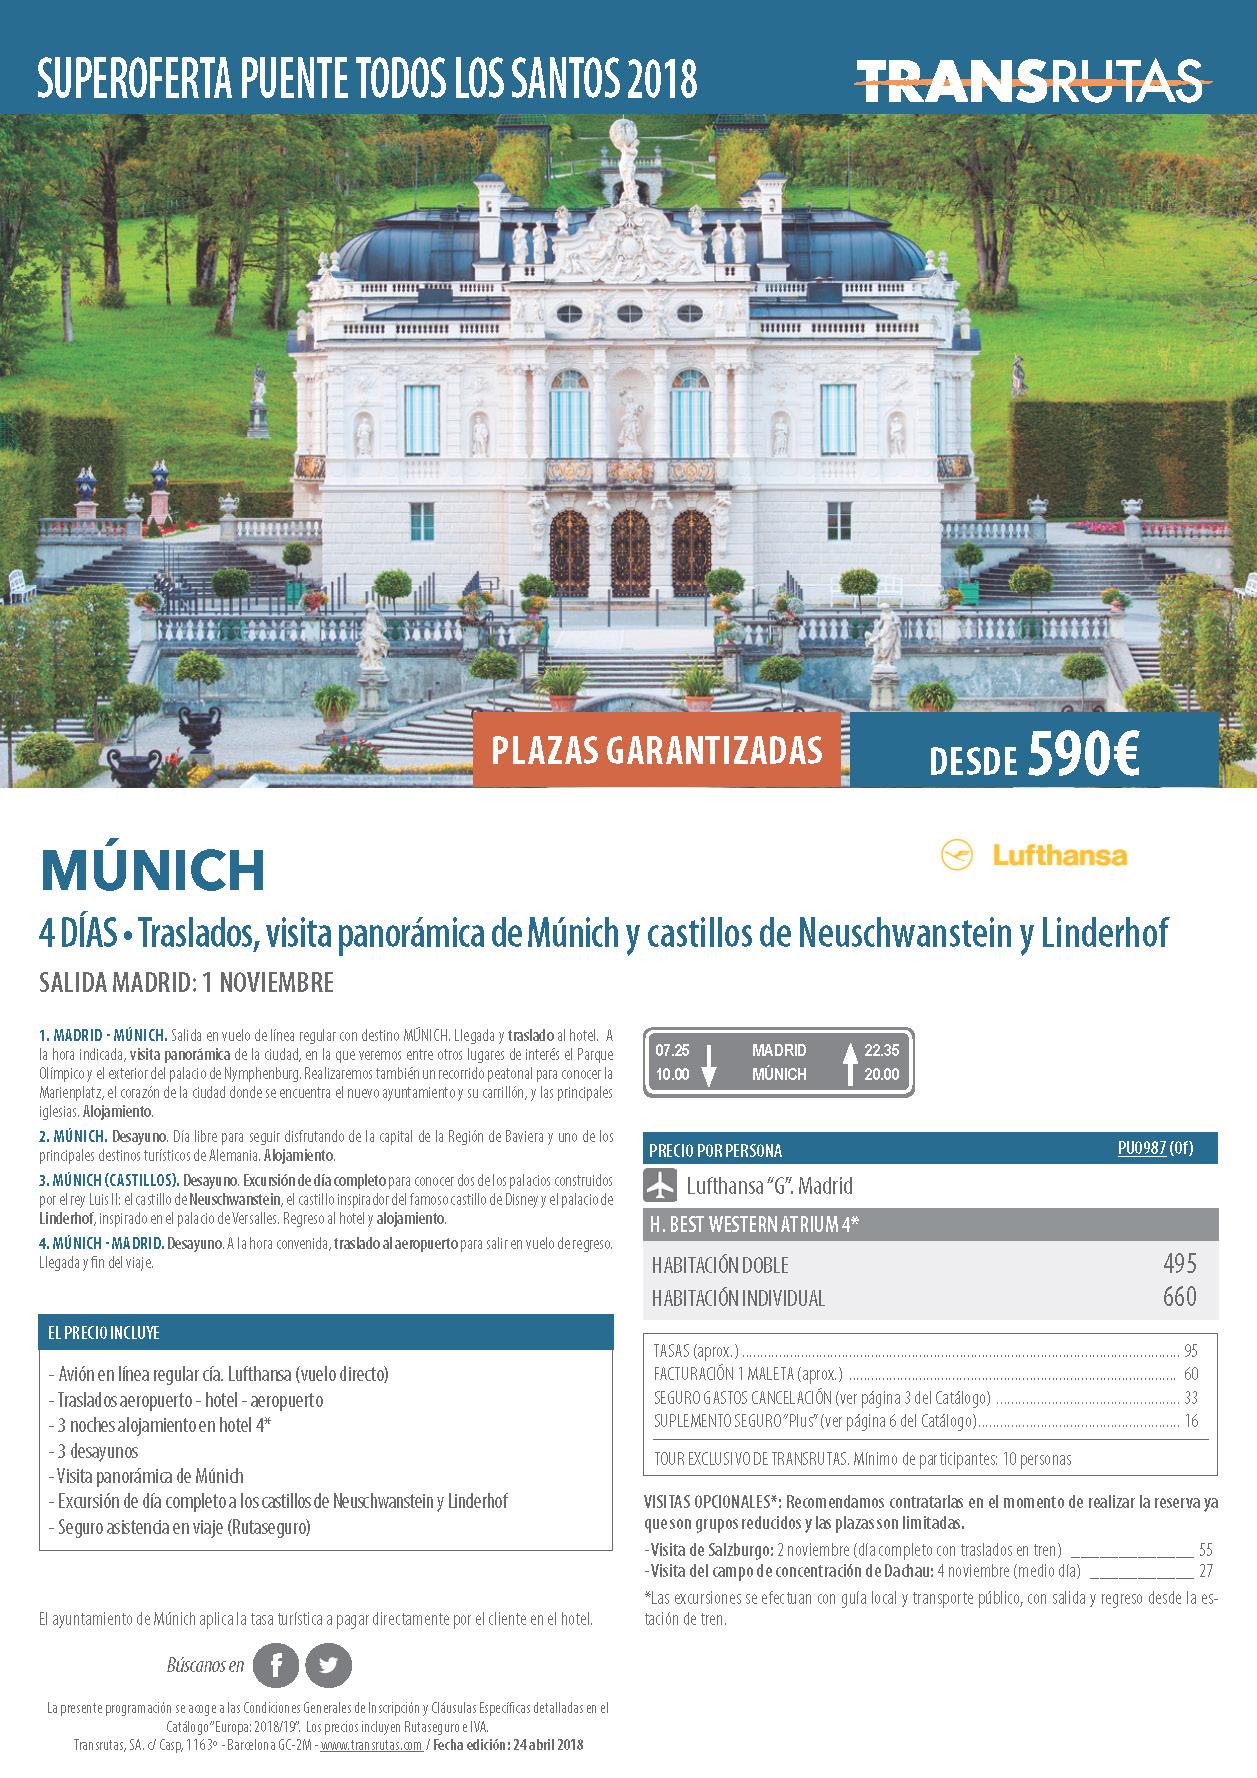 Oferta Transrutas Puente de Todos los Santos 2018 en Munich vuelo directo desde Madrid